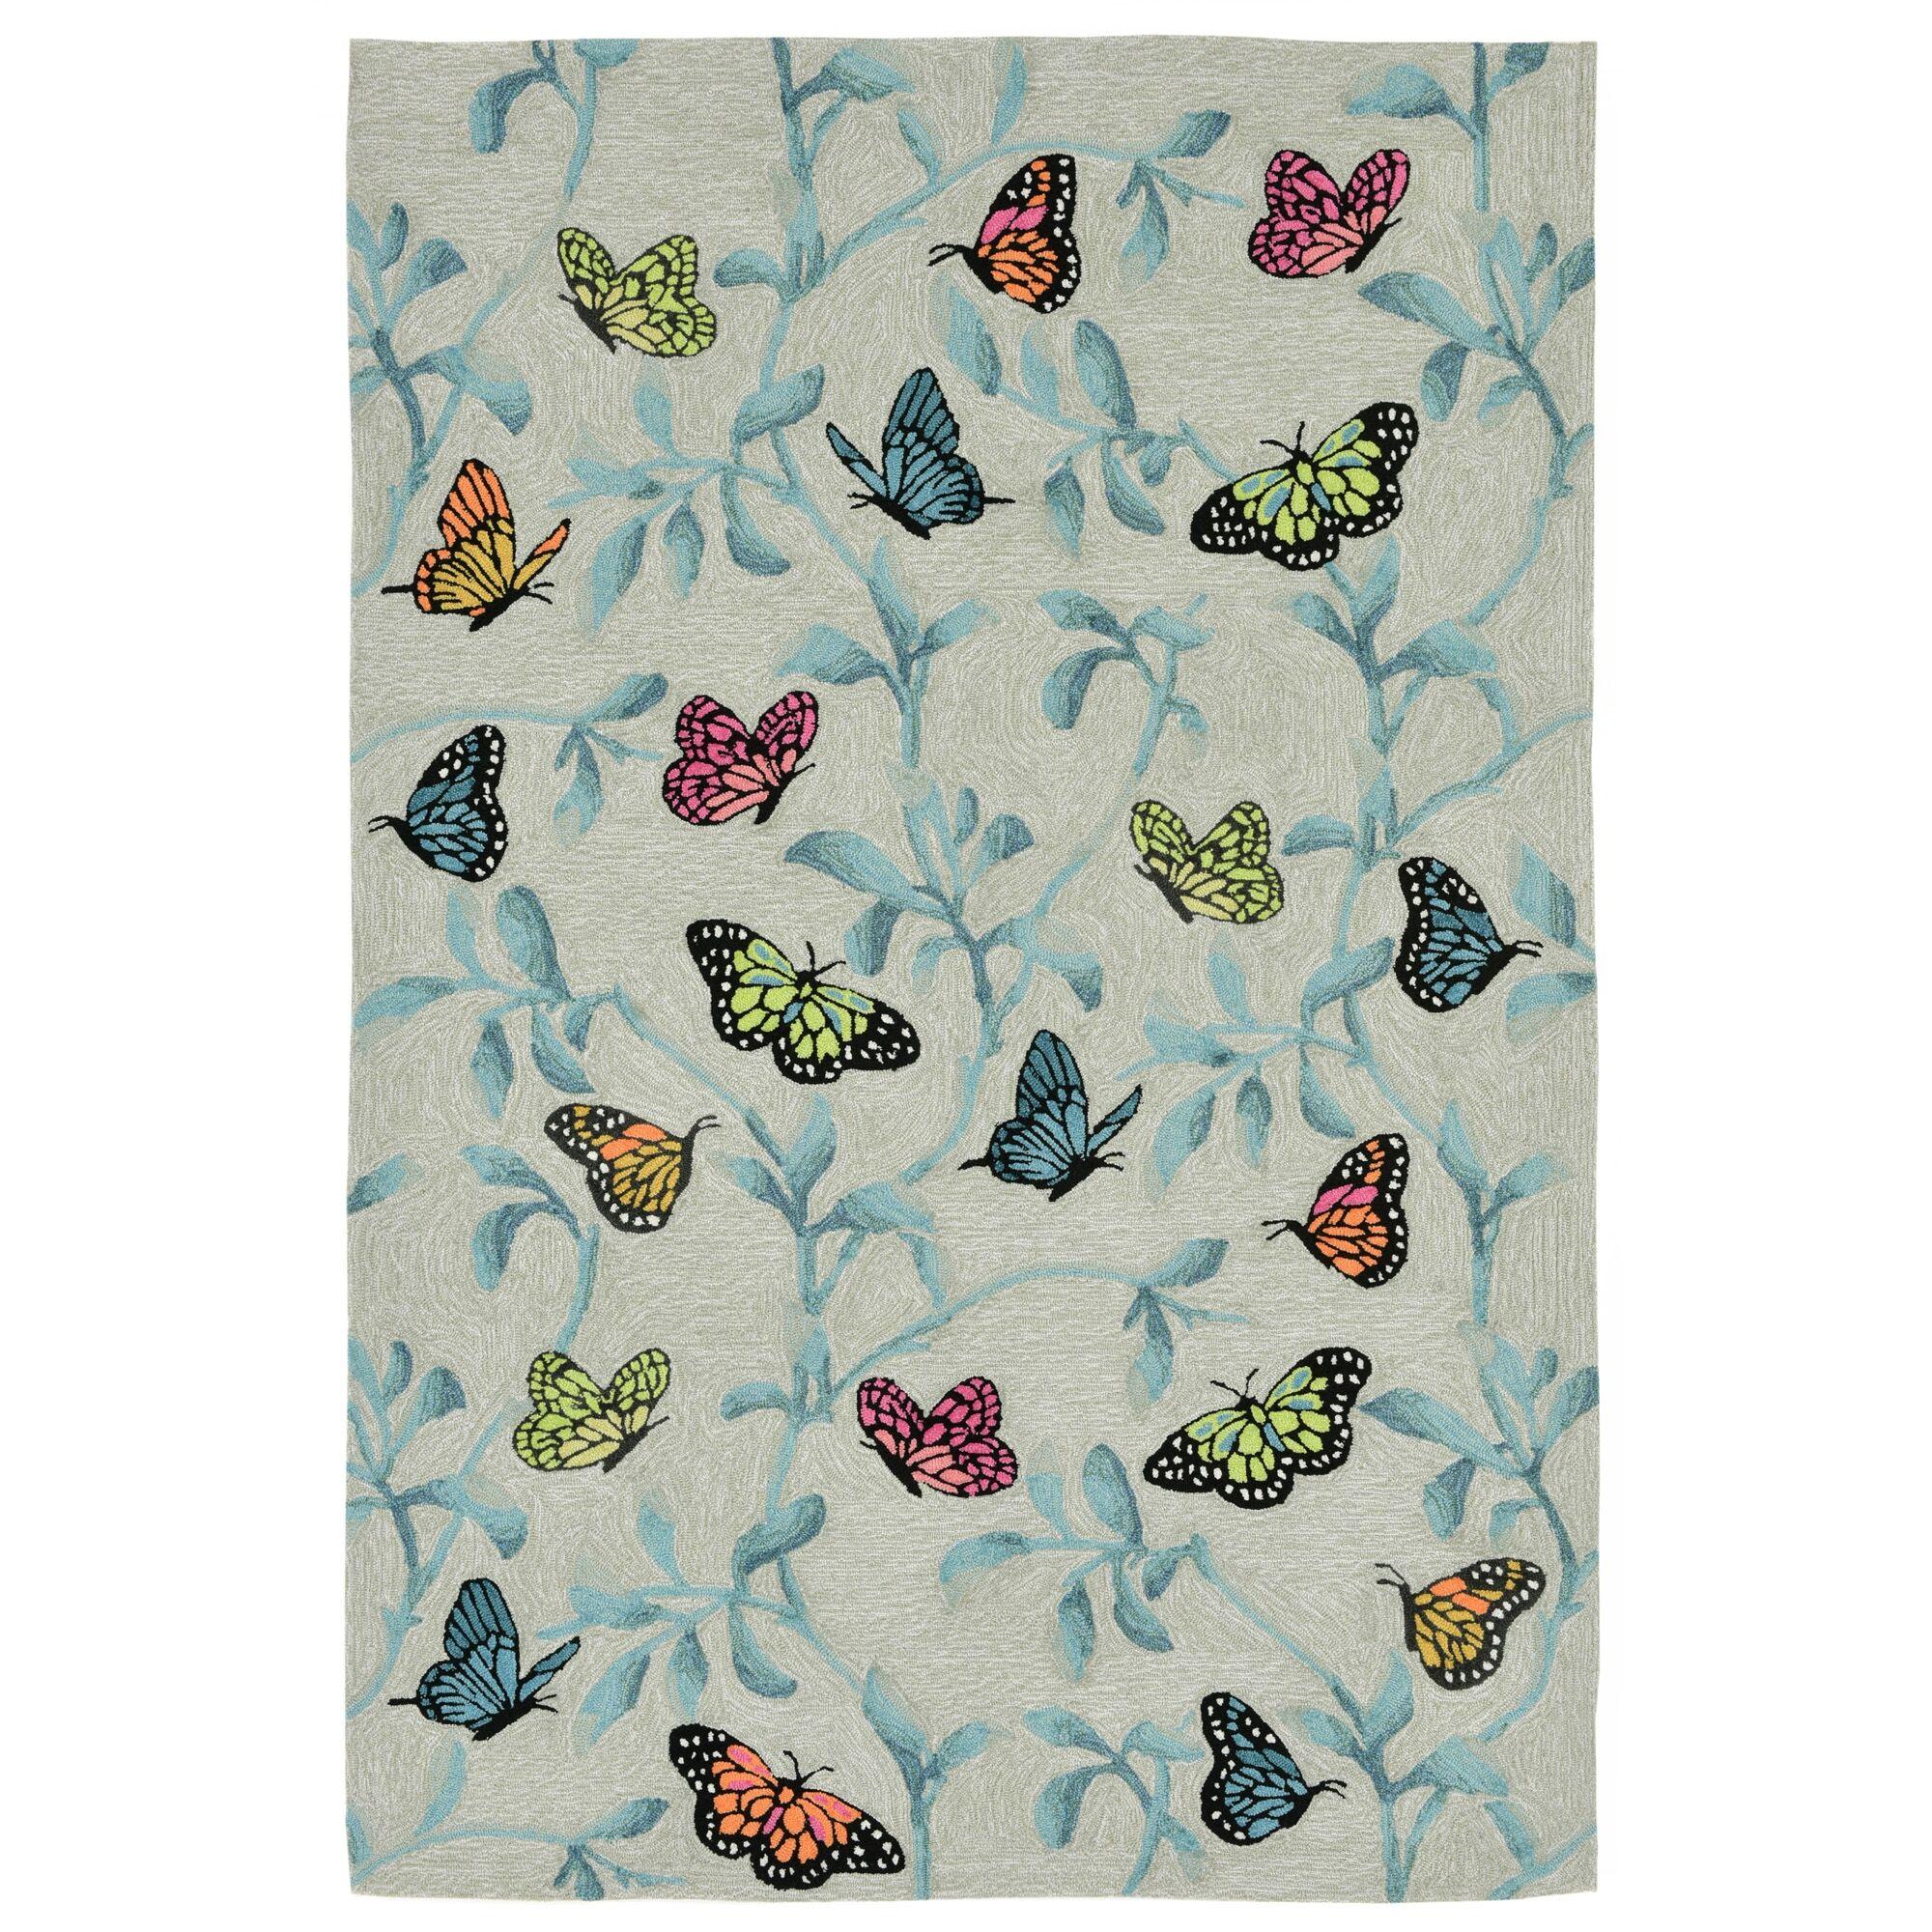 Haverstraw Hand-Tufted Beige/Blue Indoor/Outdoor Area Rug Rug Size: 5' x 7'6